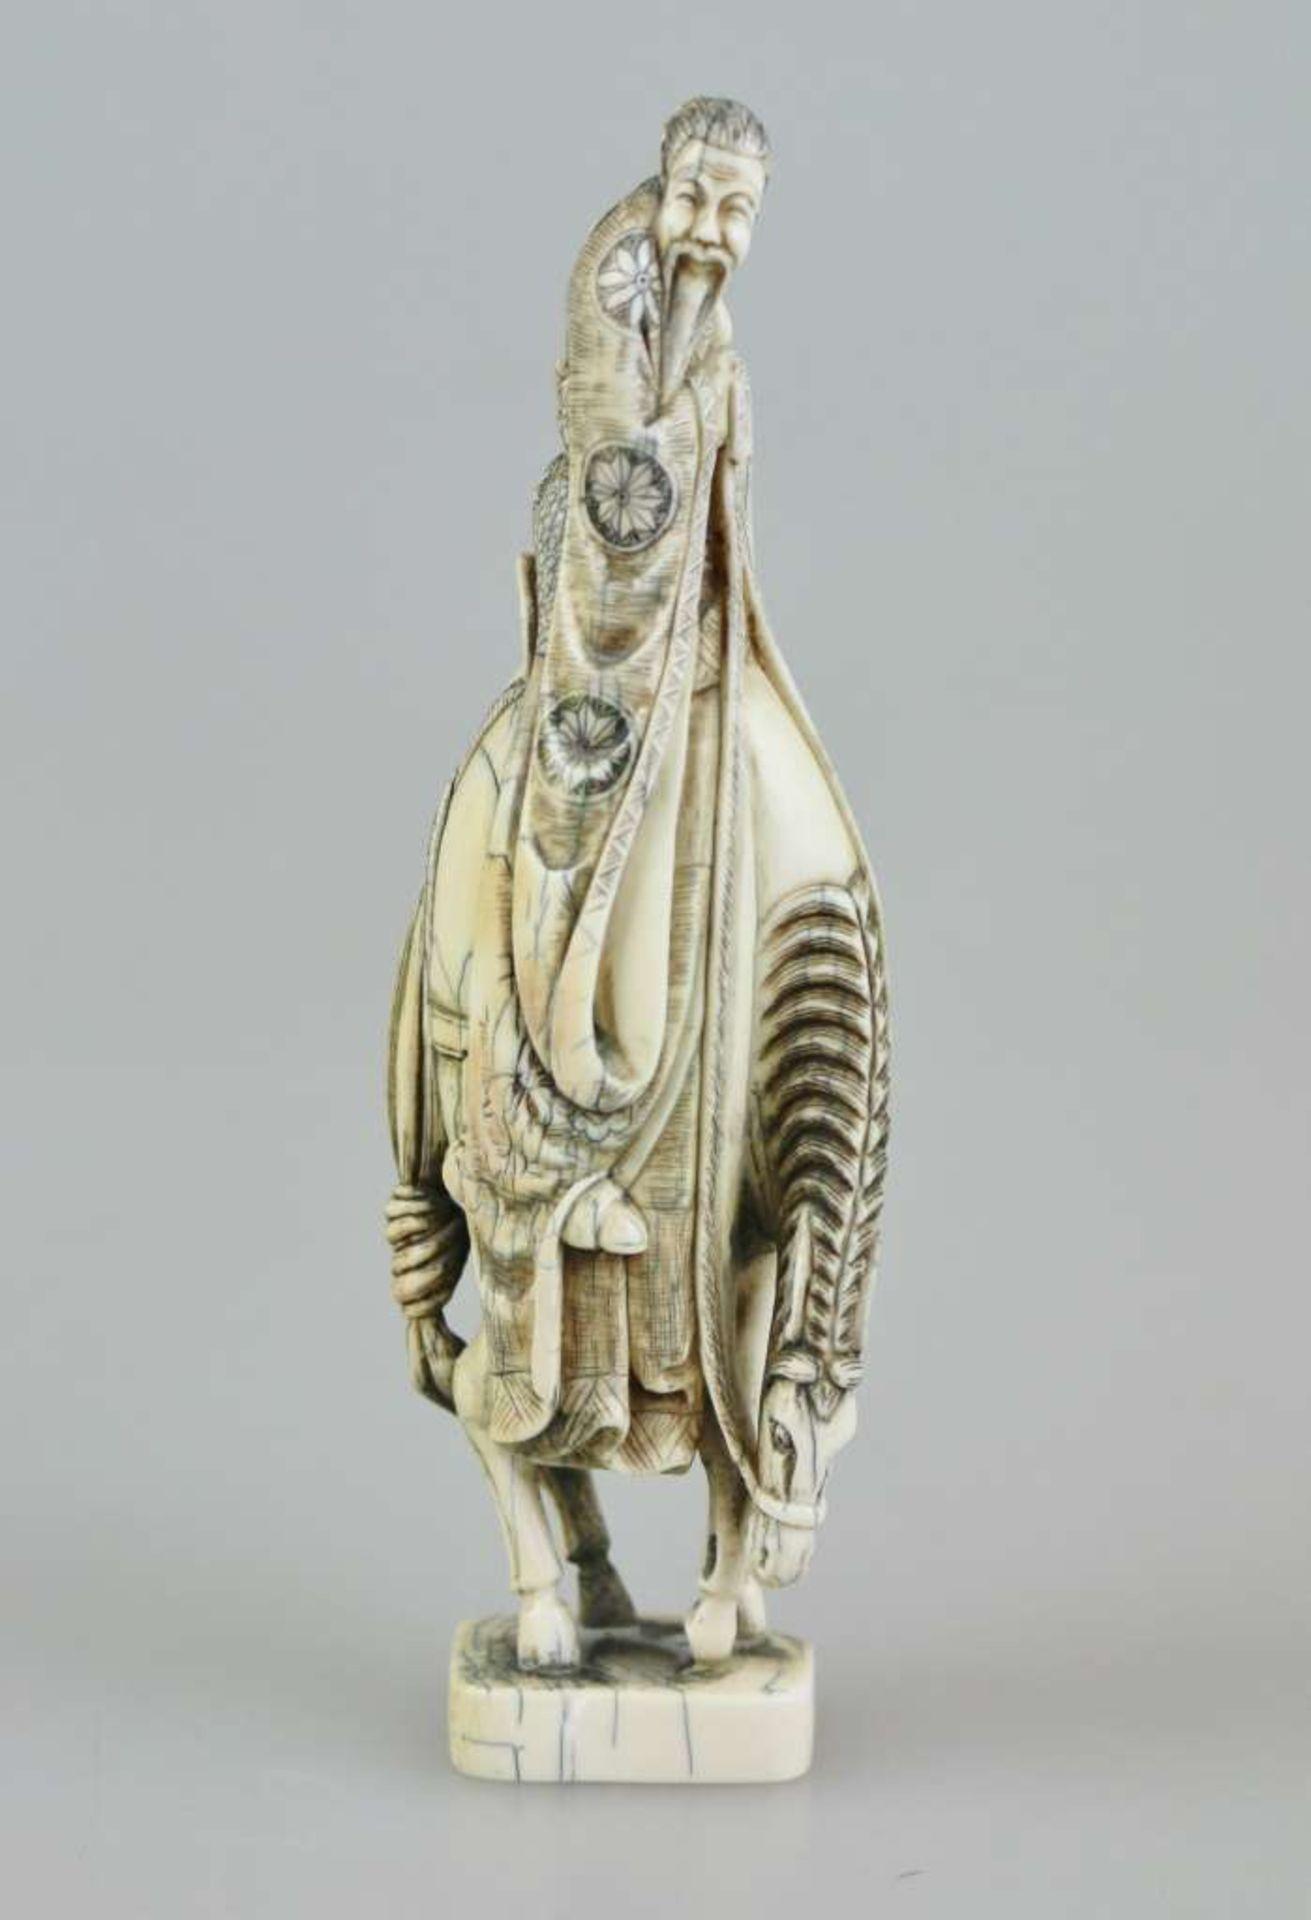 Okimono, Japan, 19./20. Jh., alter Gelehrter auf Pferd, Bodenmarke, H.: ca. 15 cm, Gewicht: 124